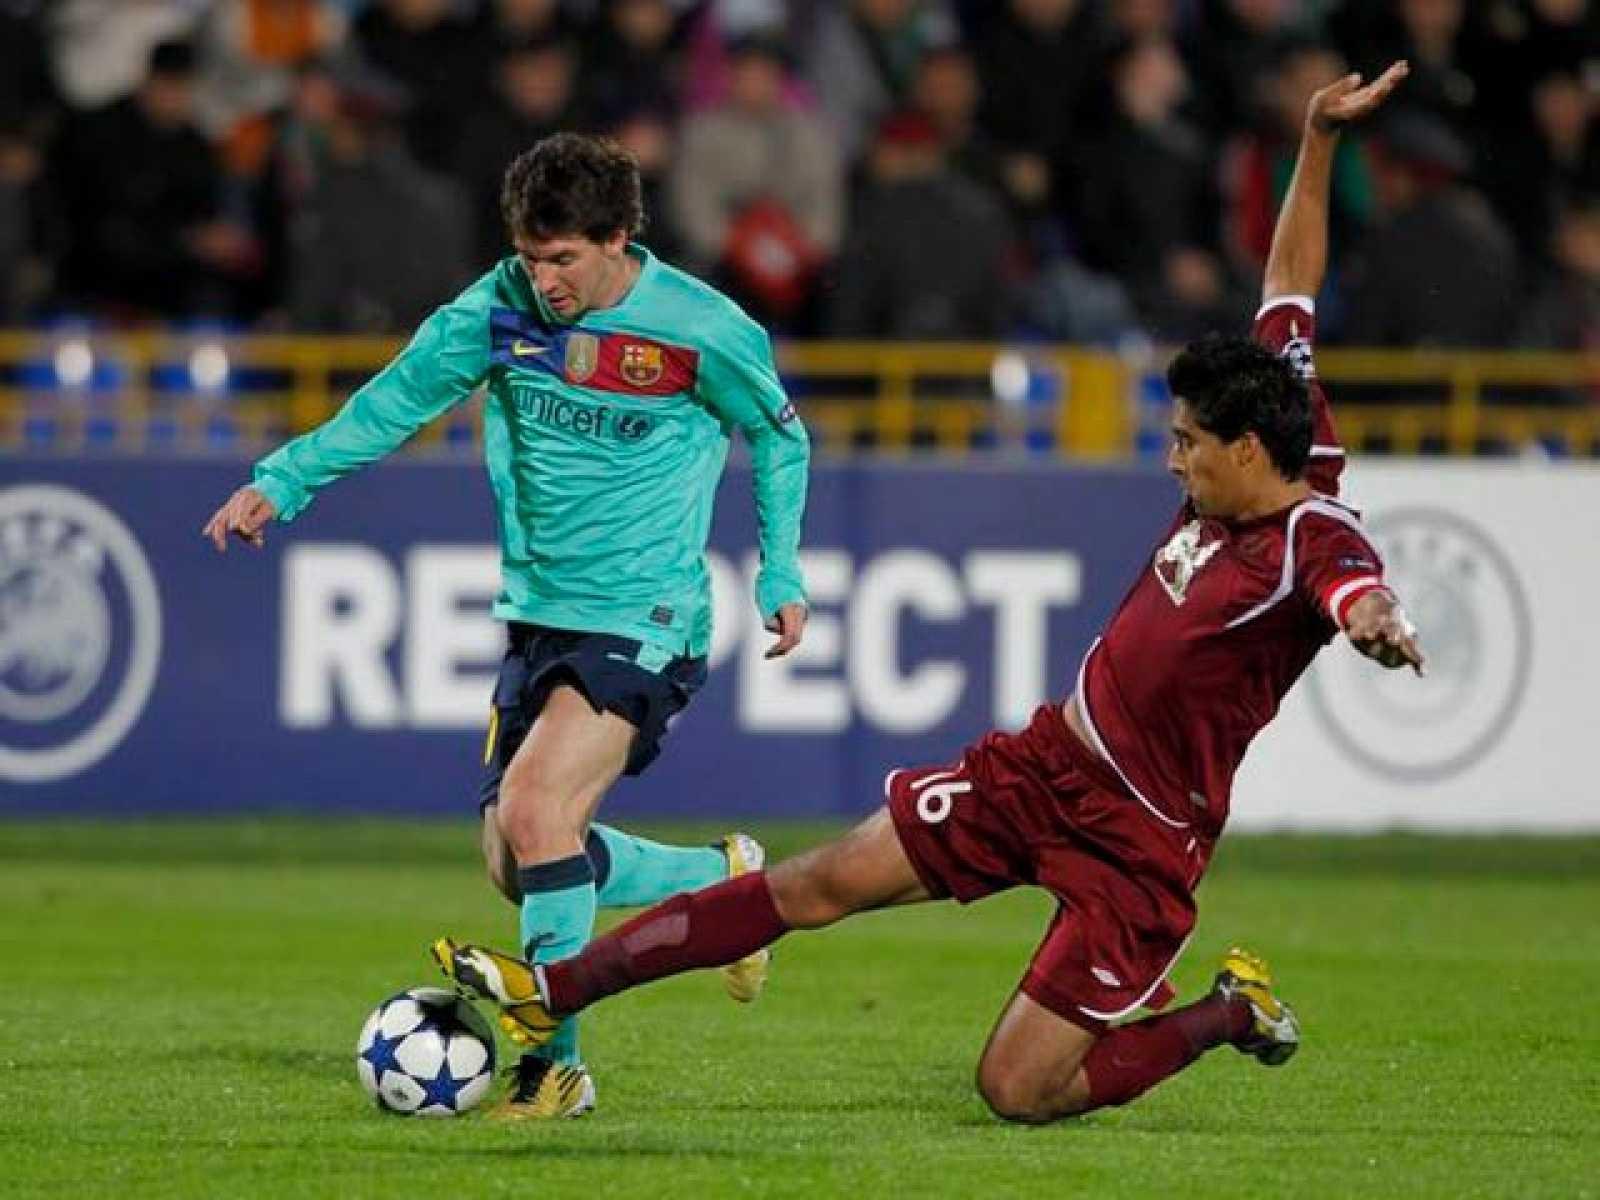 El Rubin Kazan ruso, próximo rival del Barça en Champions (en directo por La 1), es el único equipo que puede presumir de no haber perdido aún contra los de Guardiola